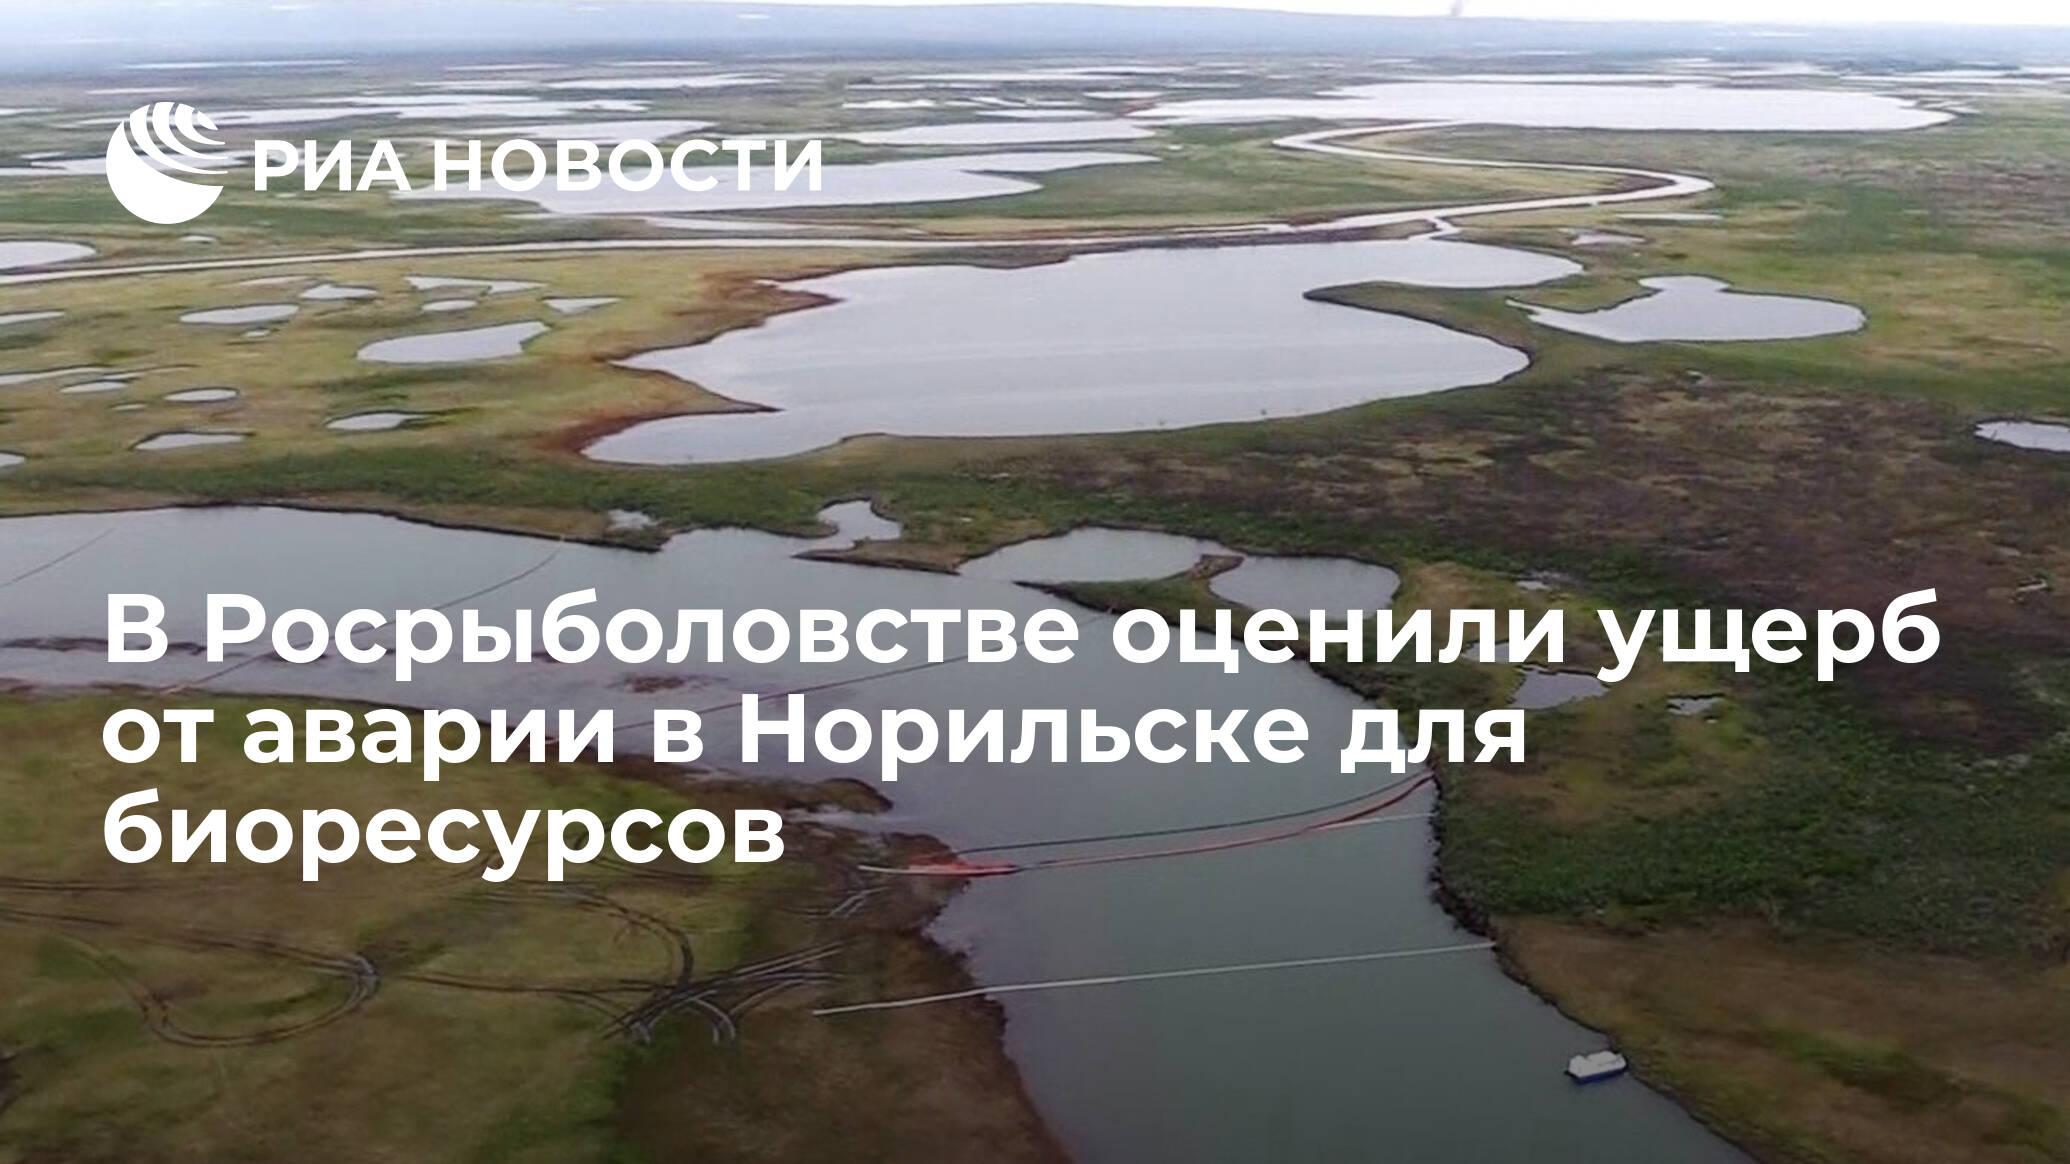 В Росрыболовстве оценили ущерб от аварии в Норильске для биоресурсов